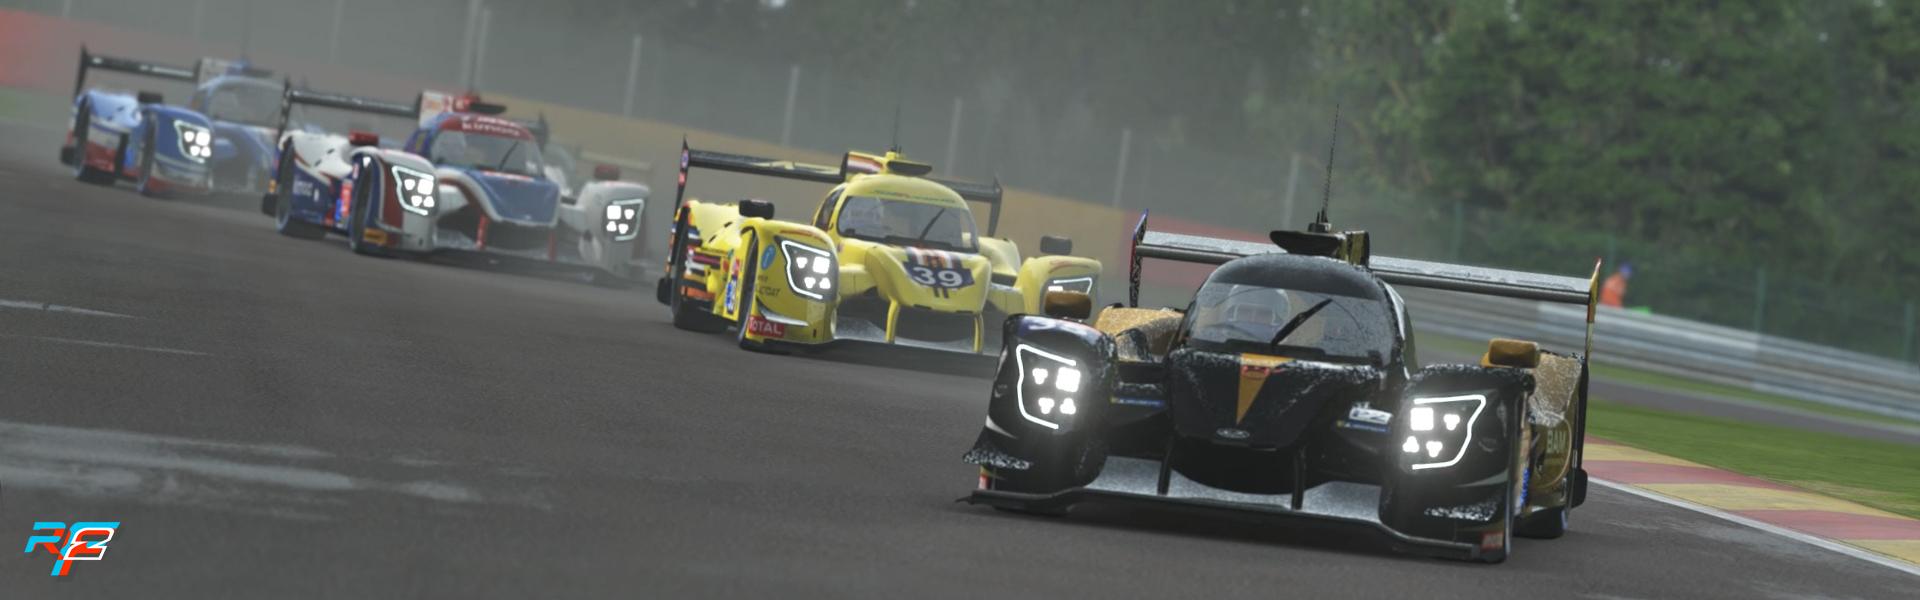 Ligier_LMP2_2020_03_600p.jpg